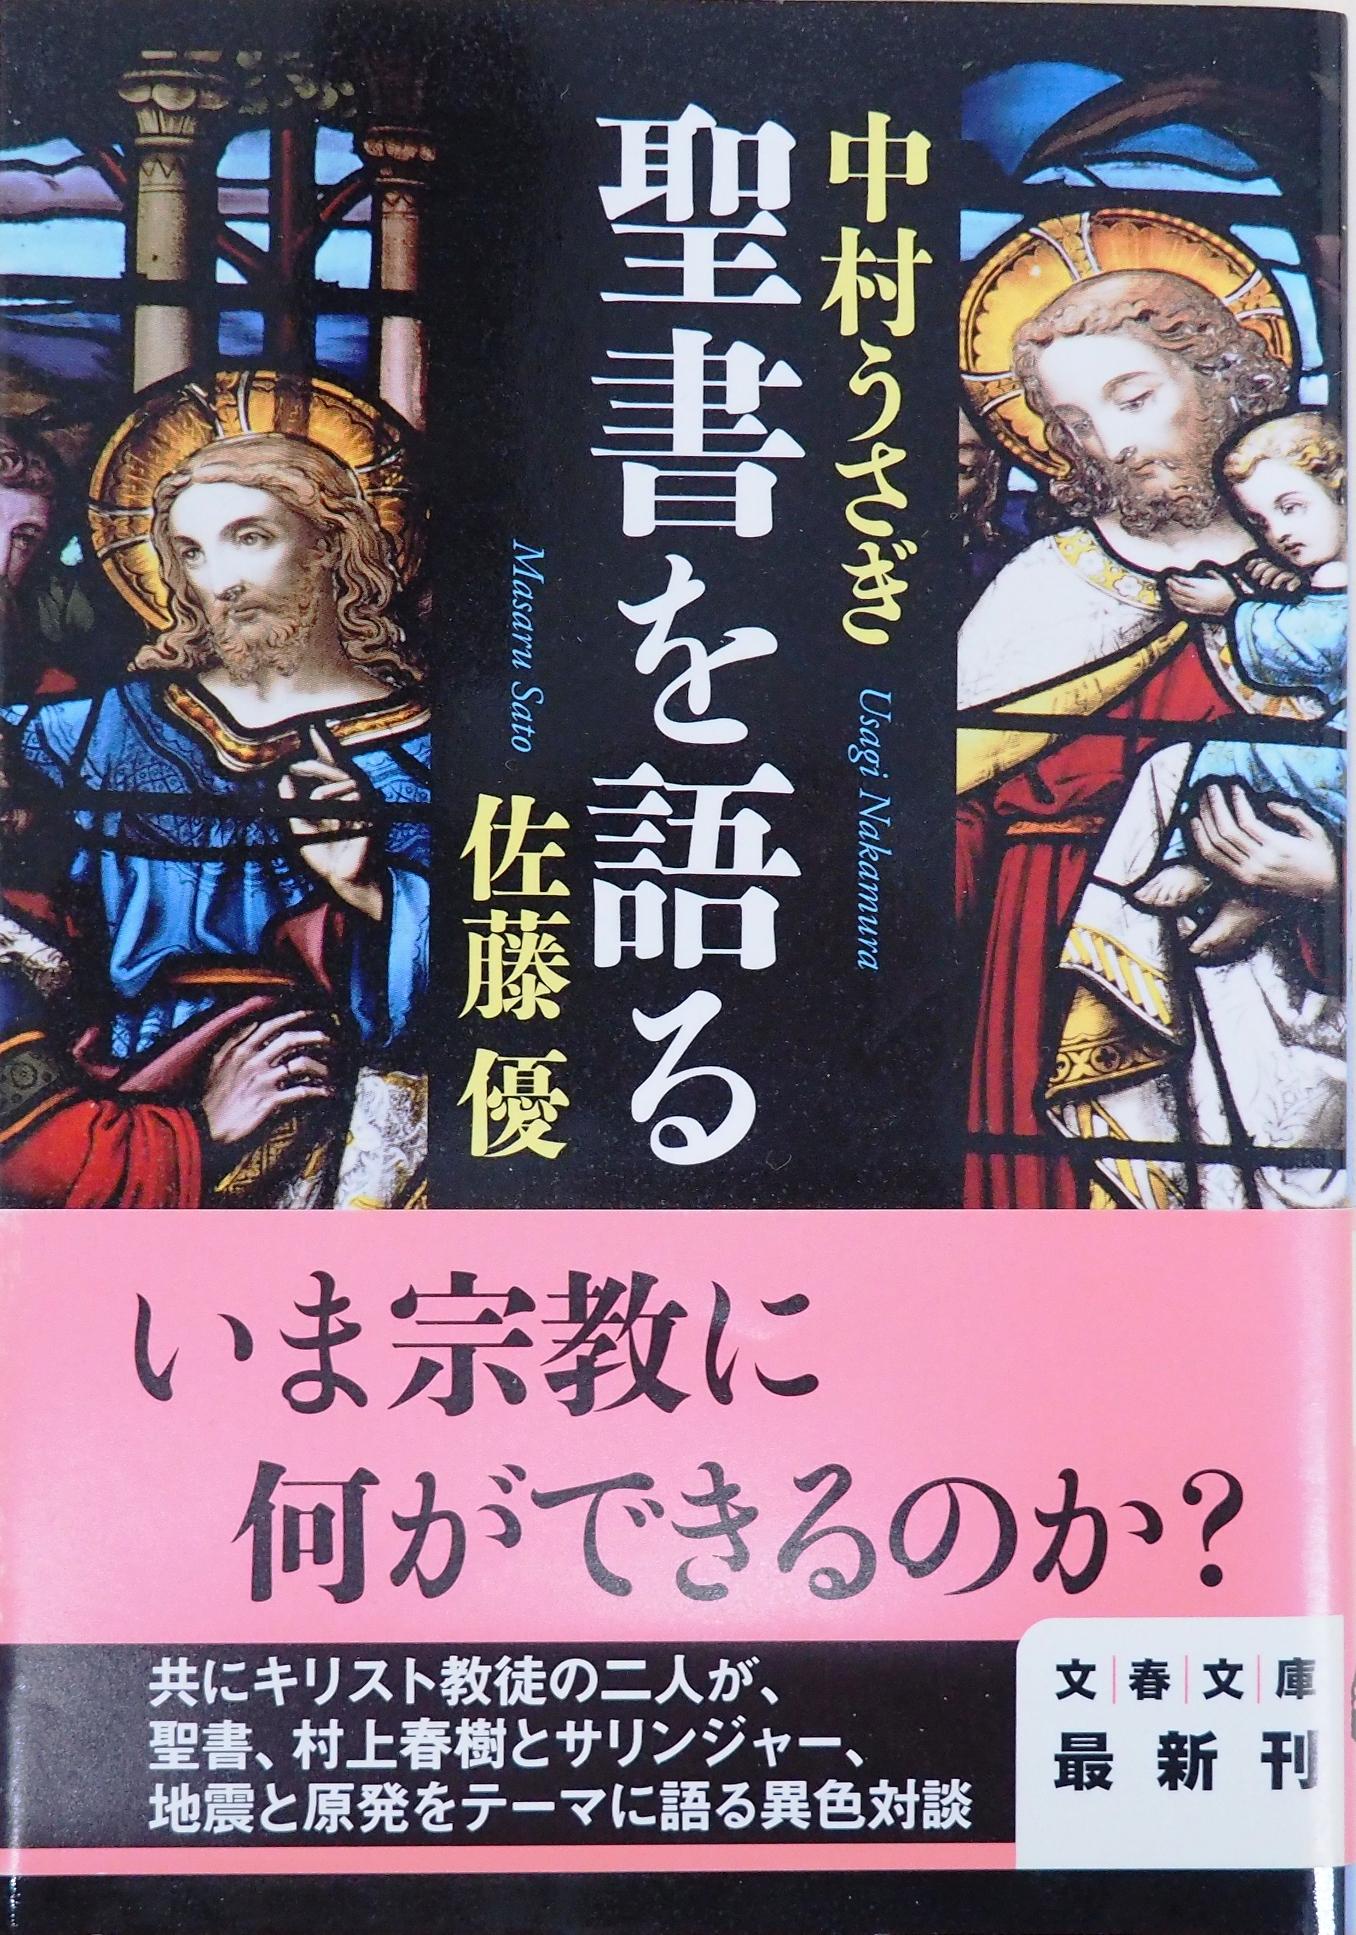 「聖書を語る」(佐藤優・中村うさぎ著 文春文庫刊)